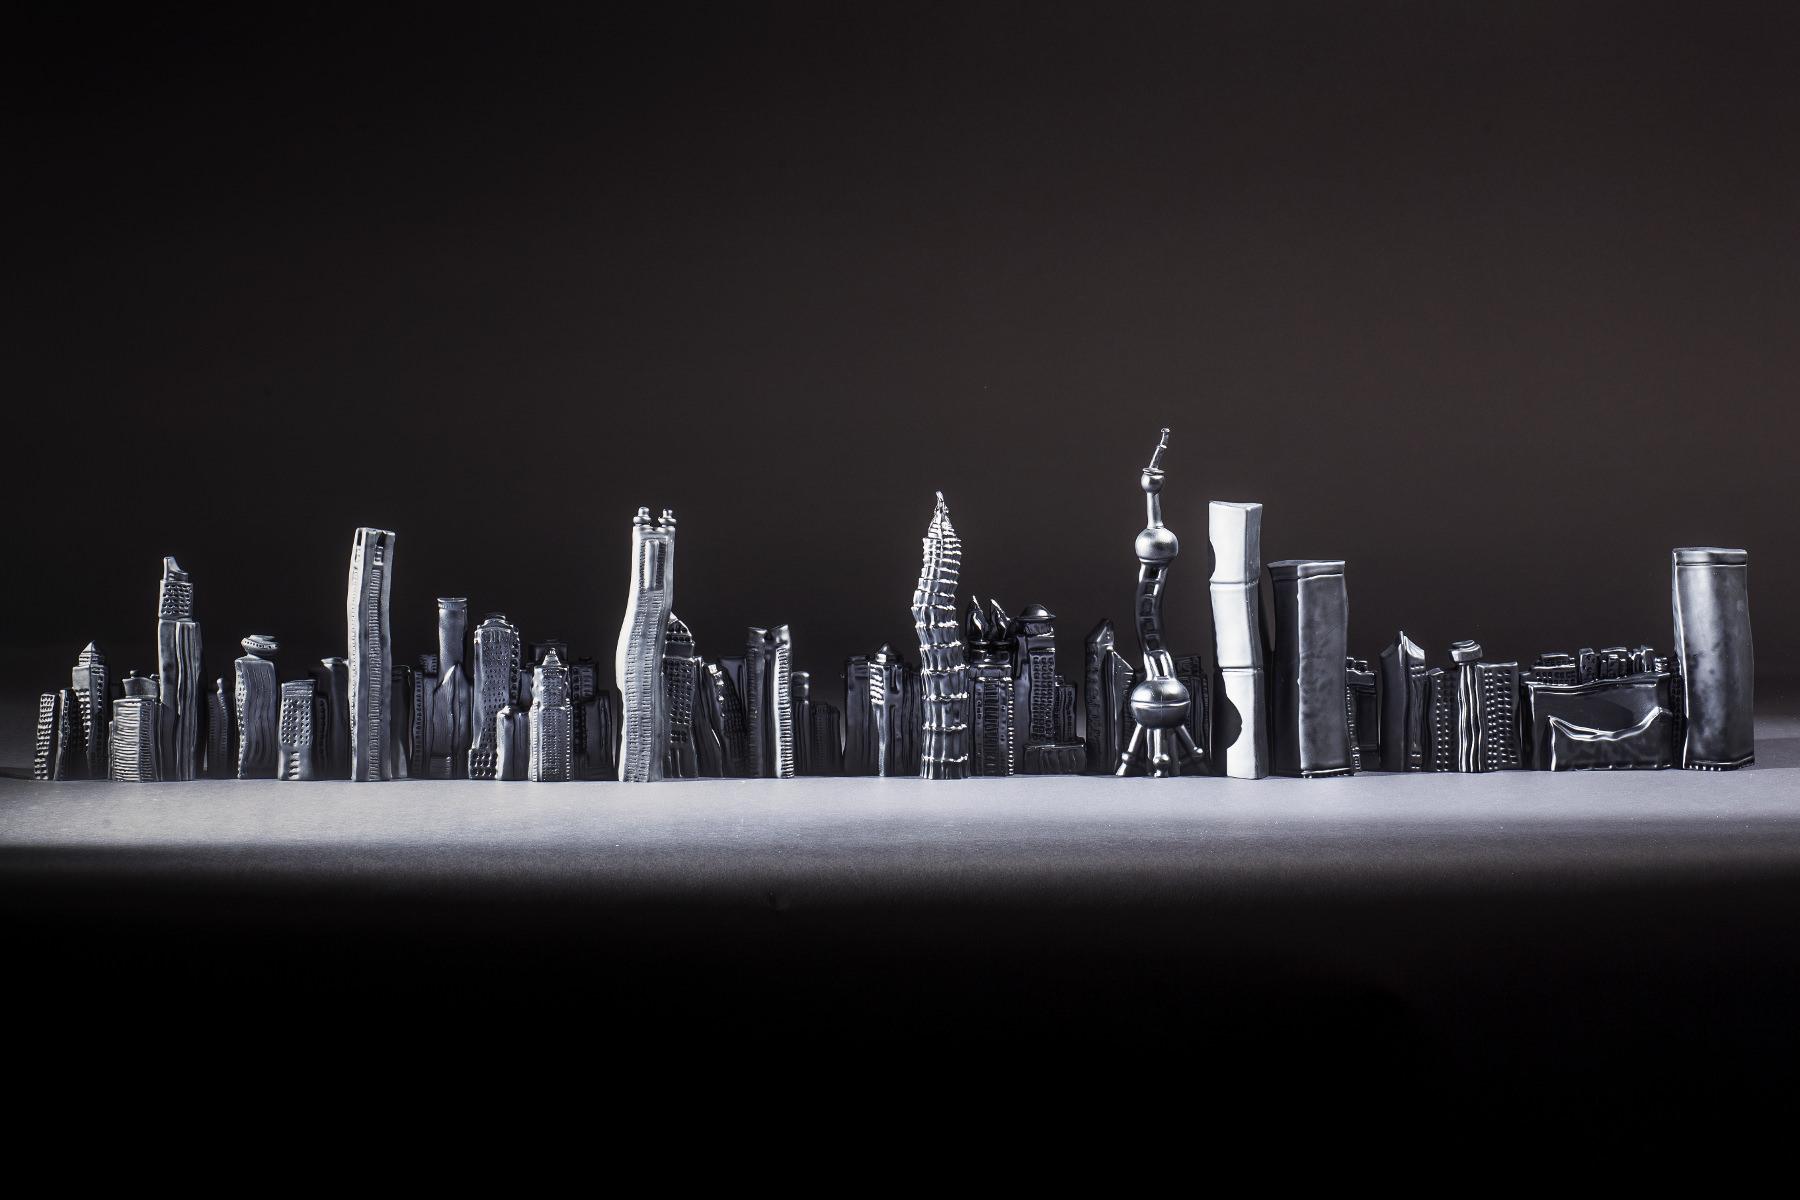 Liu Jianhua - Shadow in the water